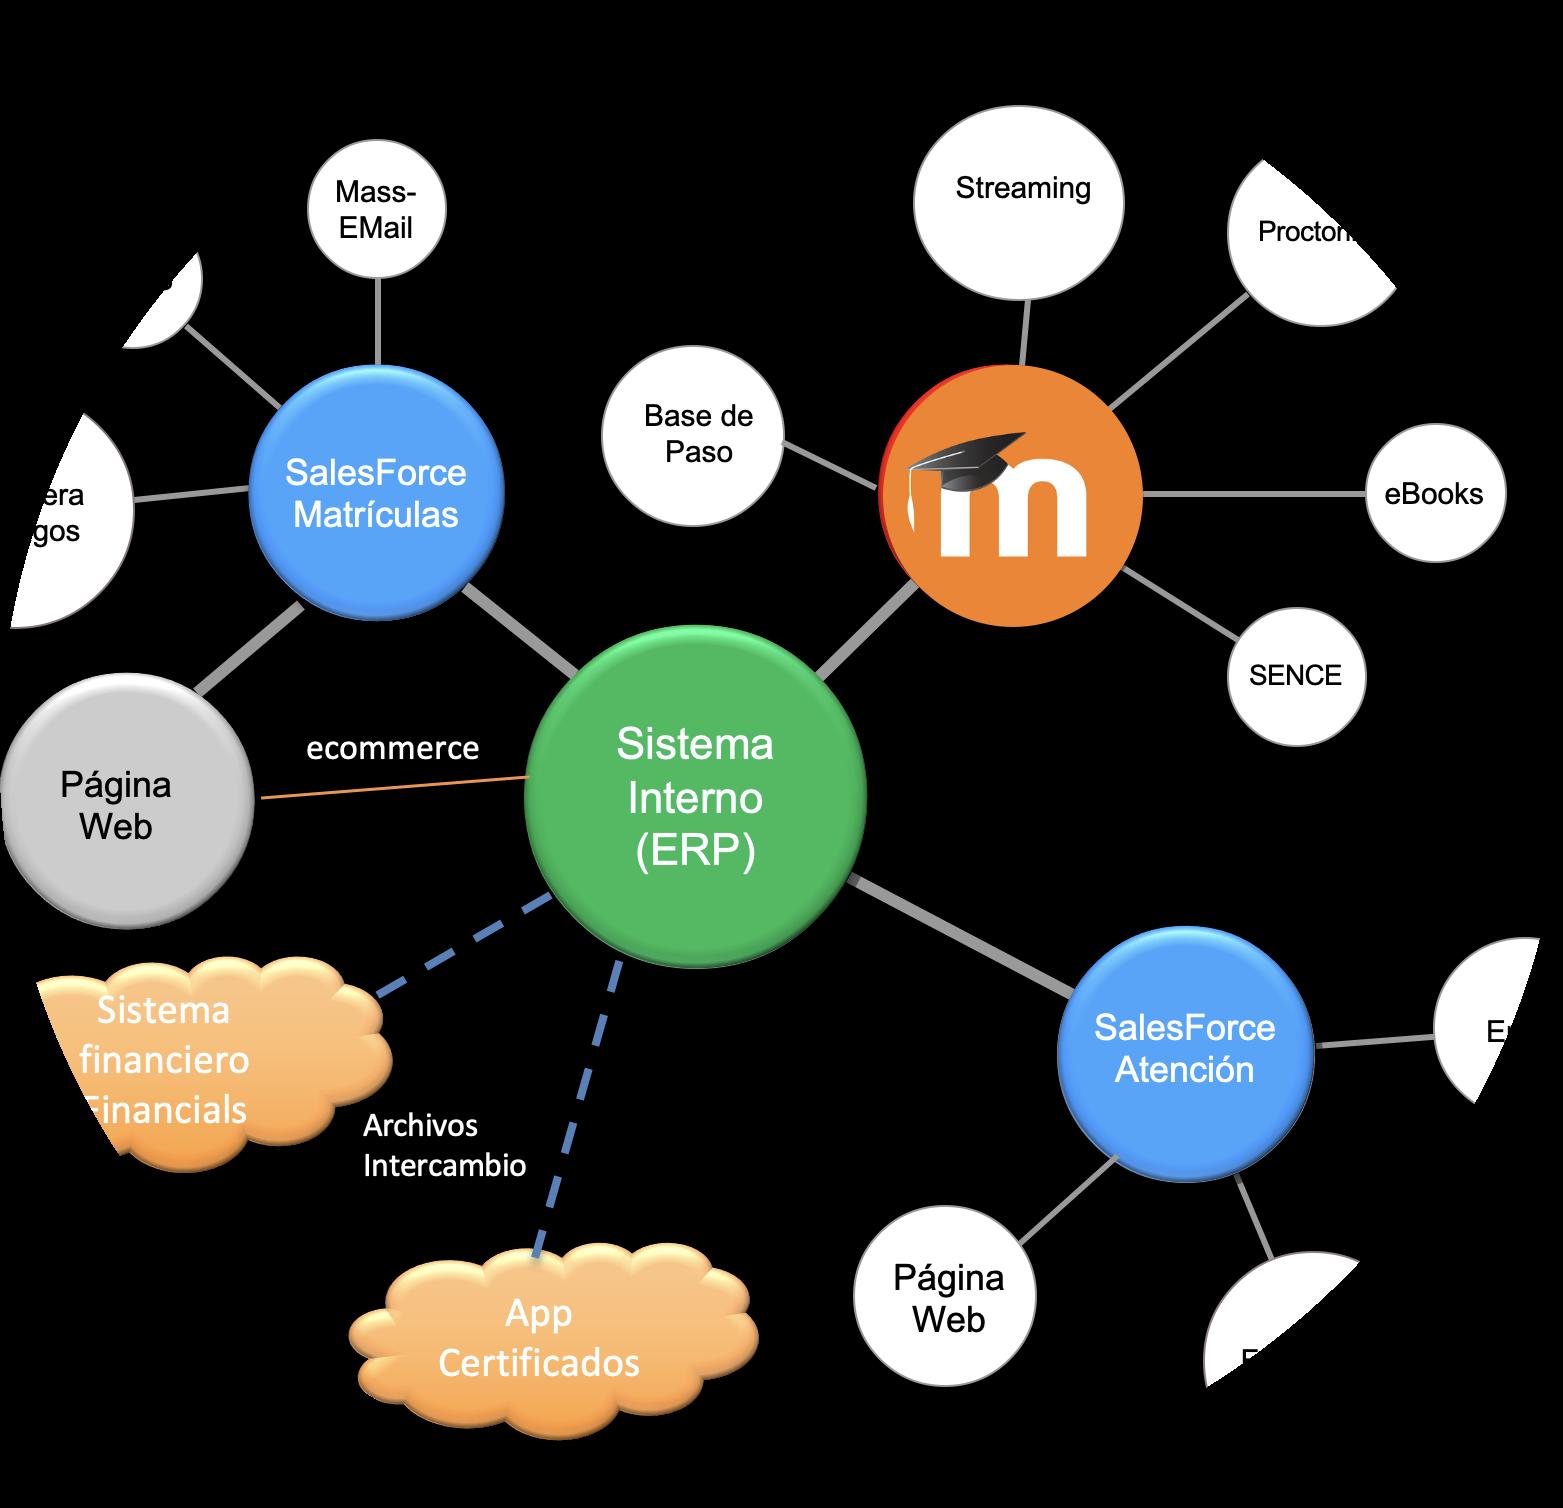 Innovación en educación online - LMS Moodle - Martin Meister